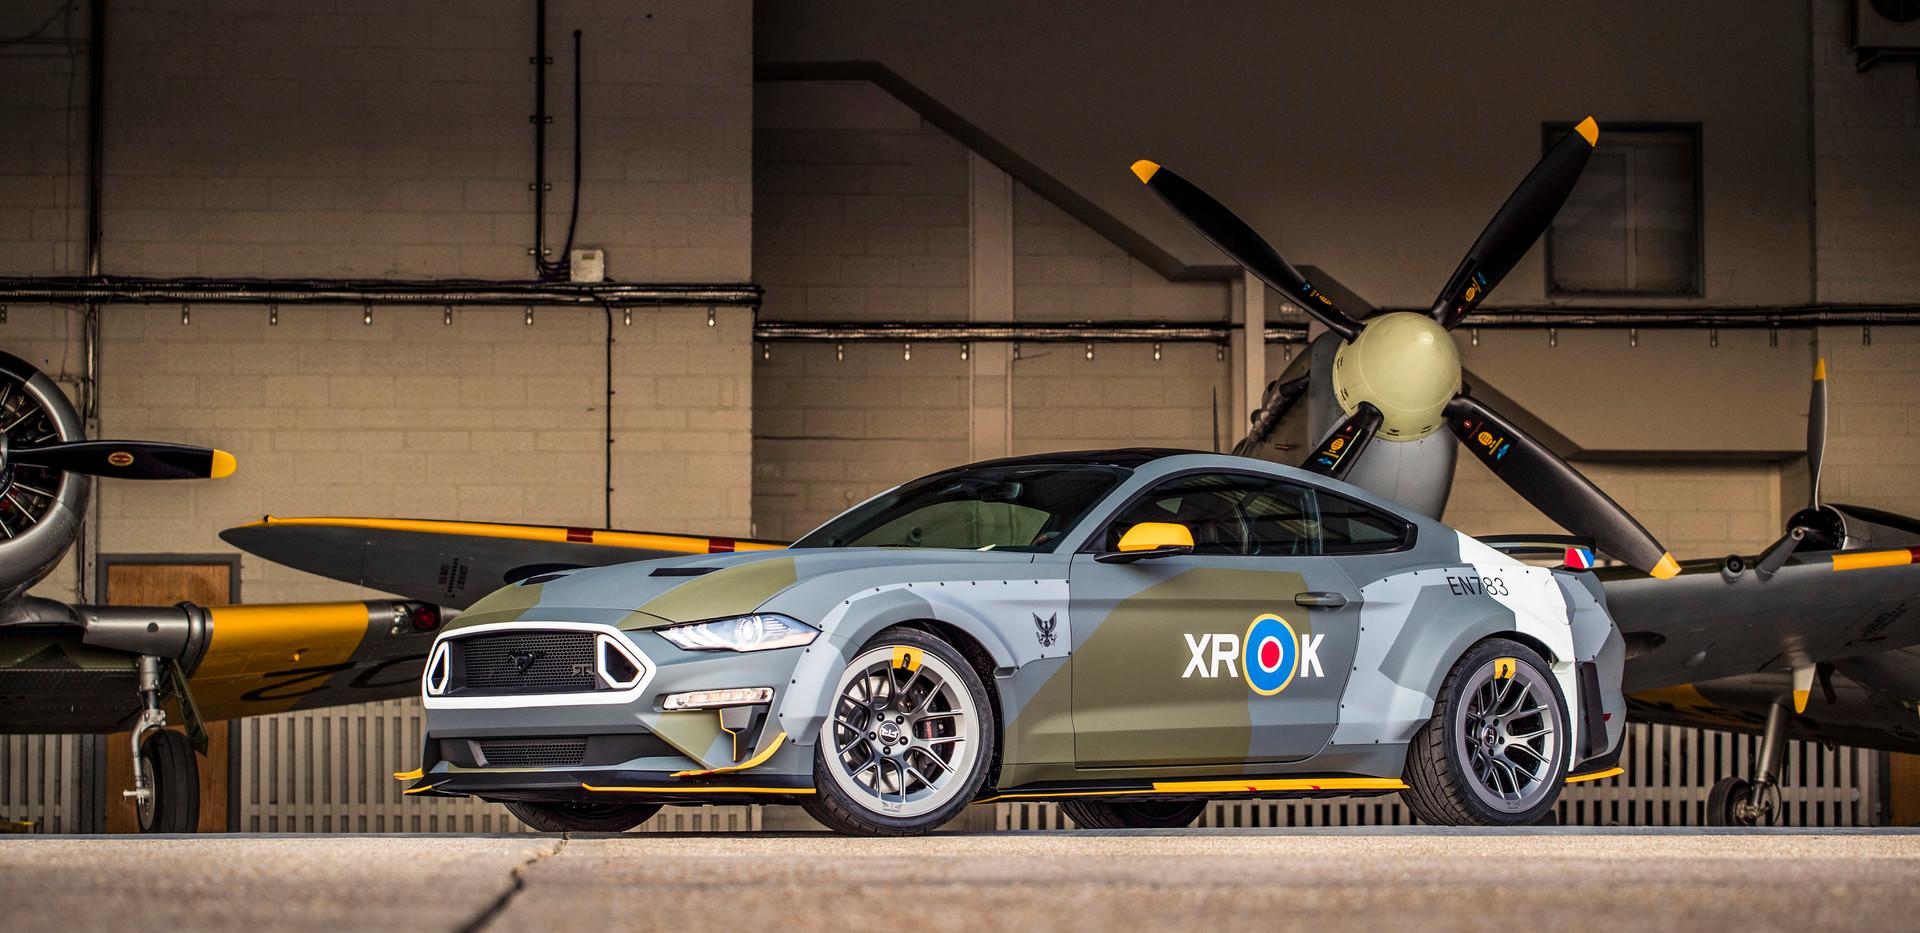 0572_DG_Mustang_Spitfire.jpg